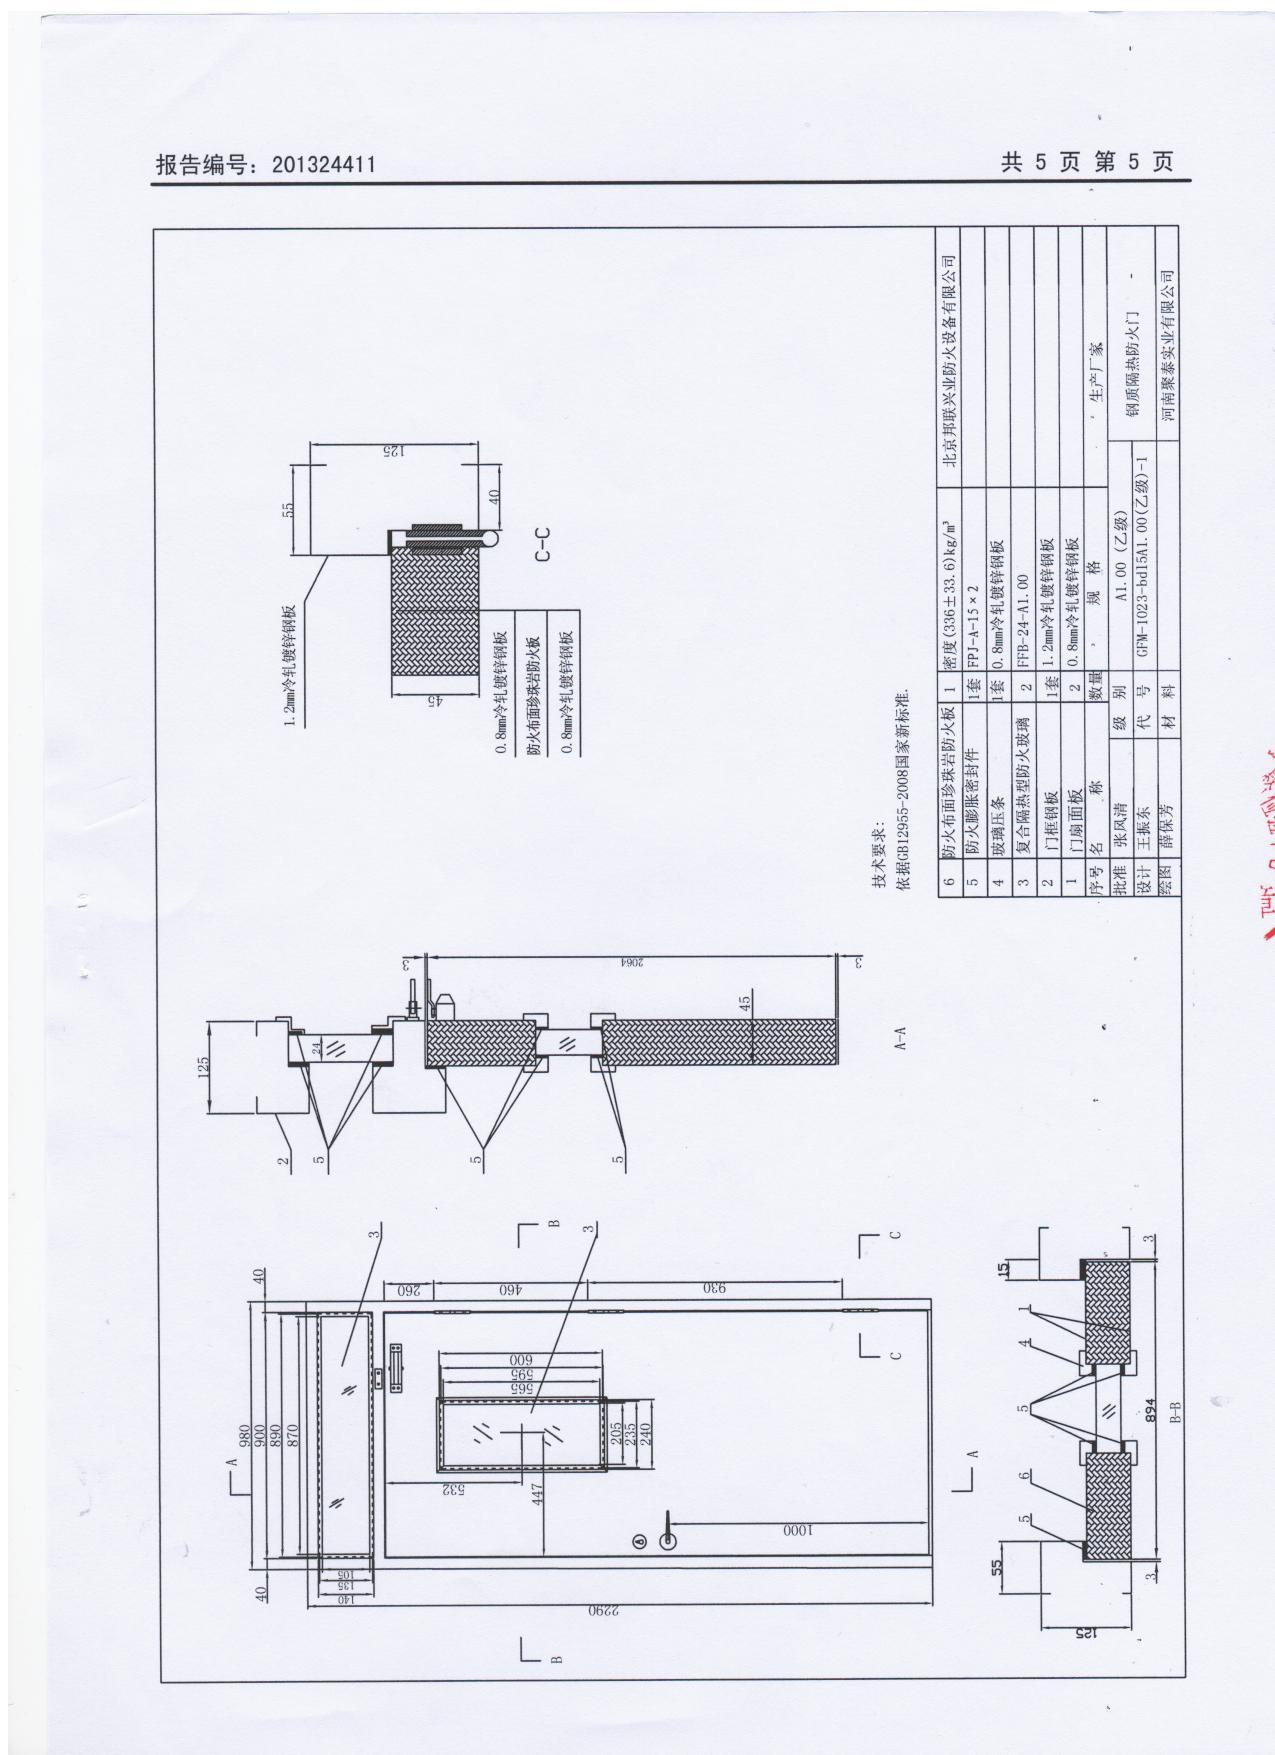 鋼質防火門乙-1證書